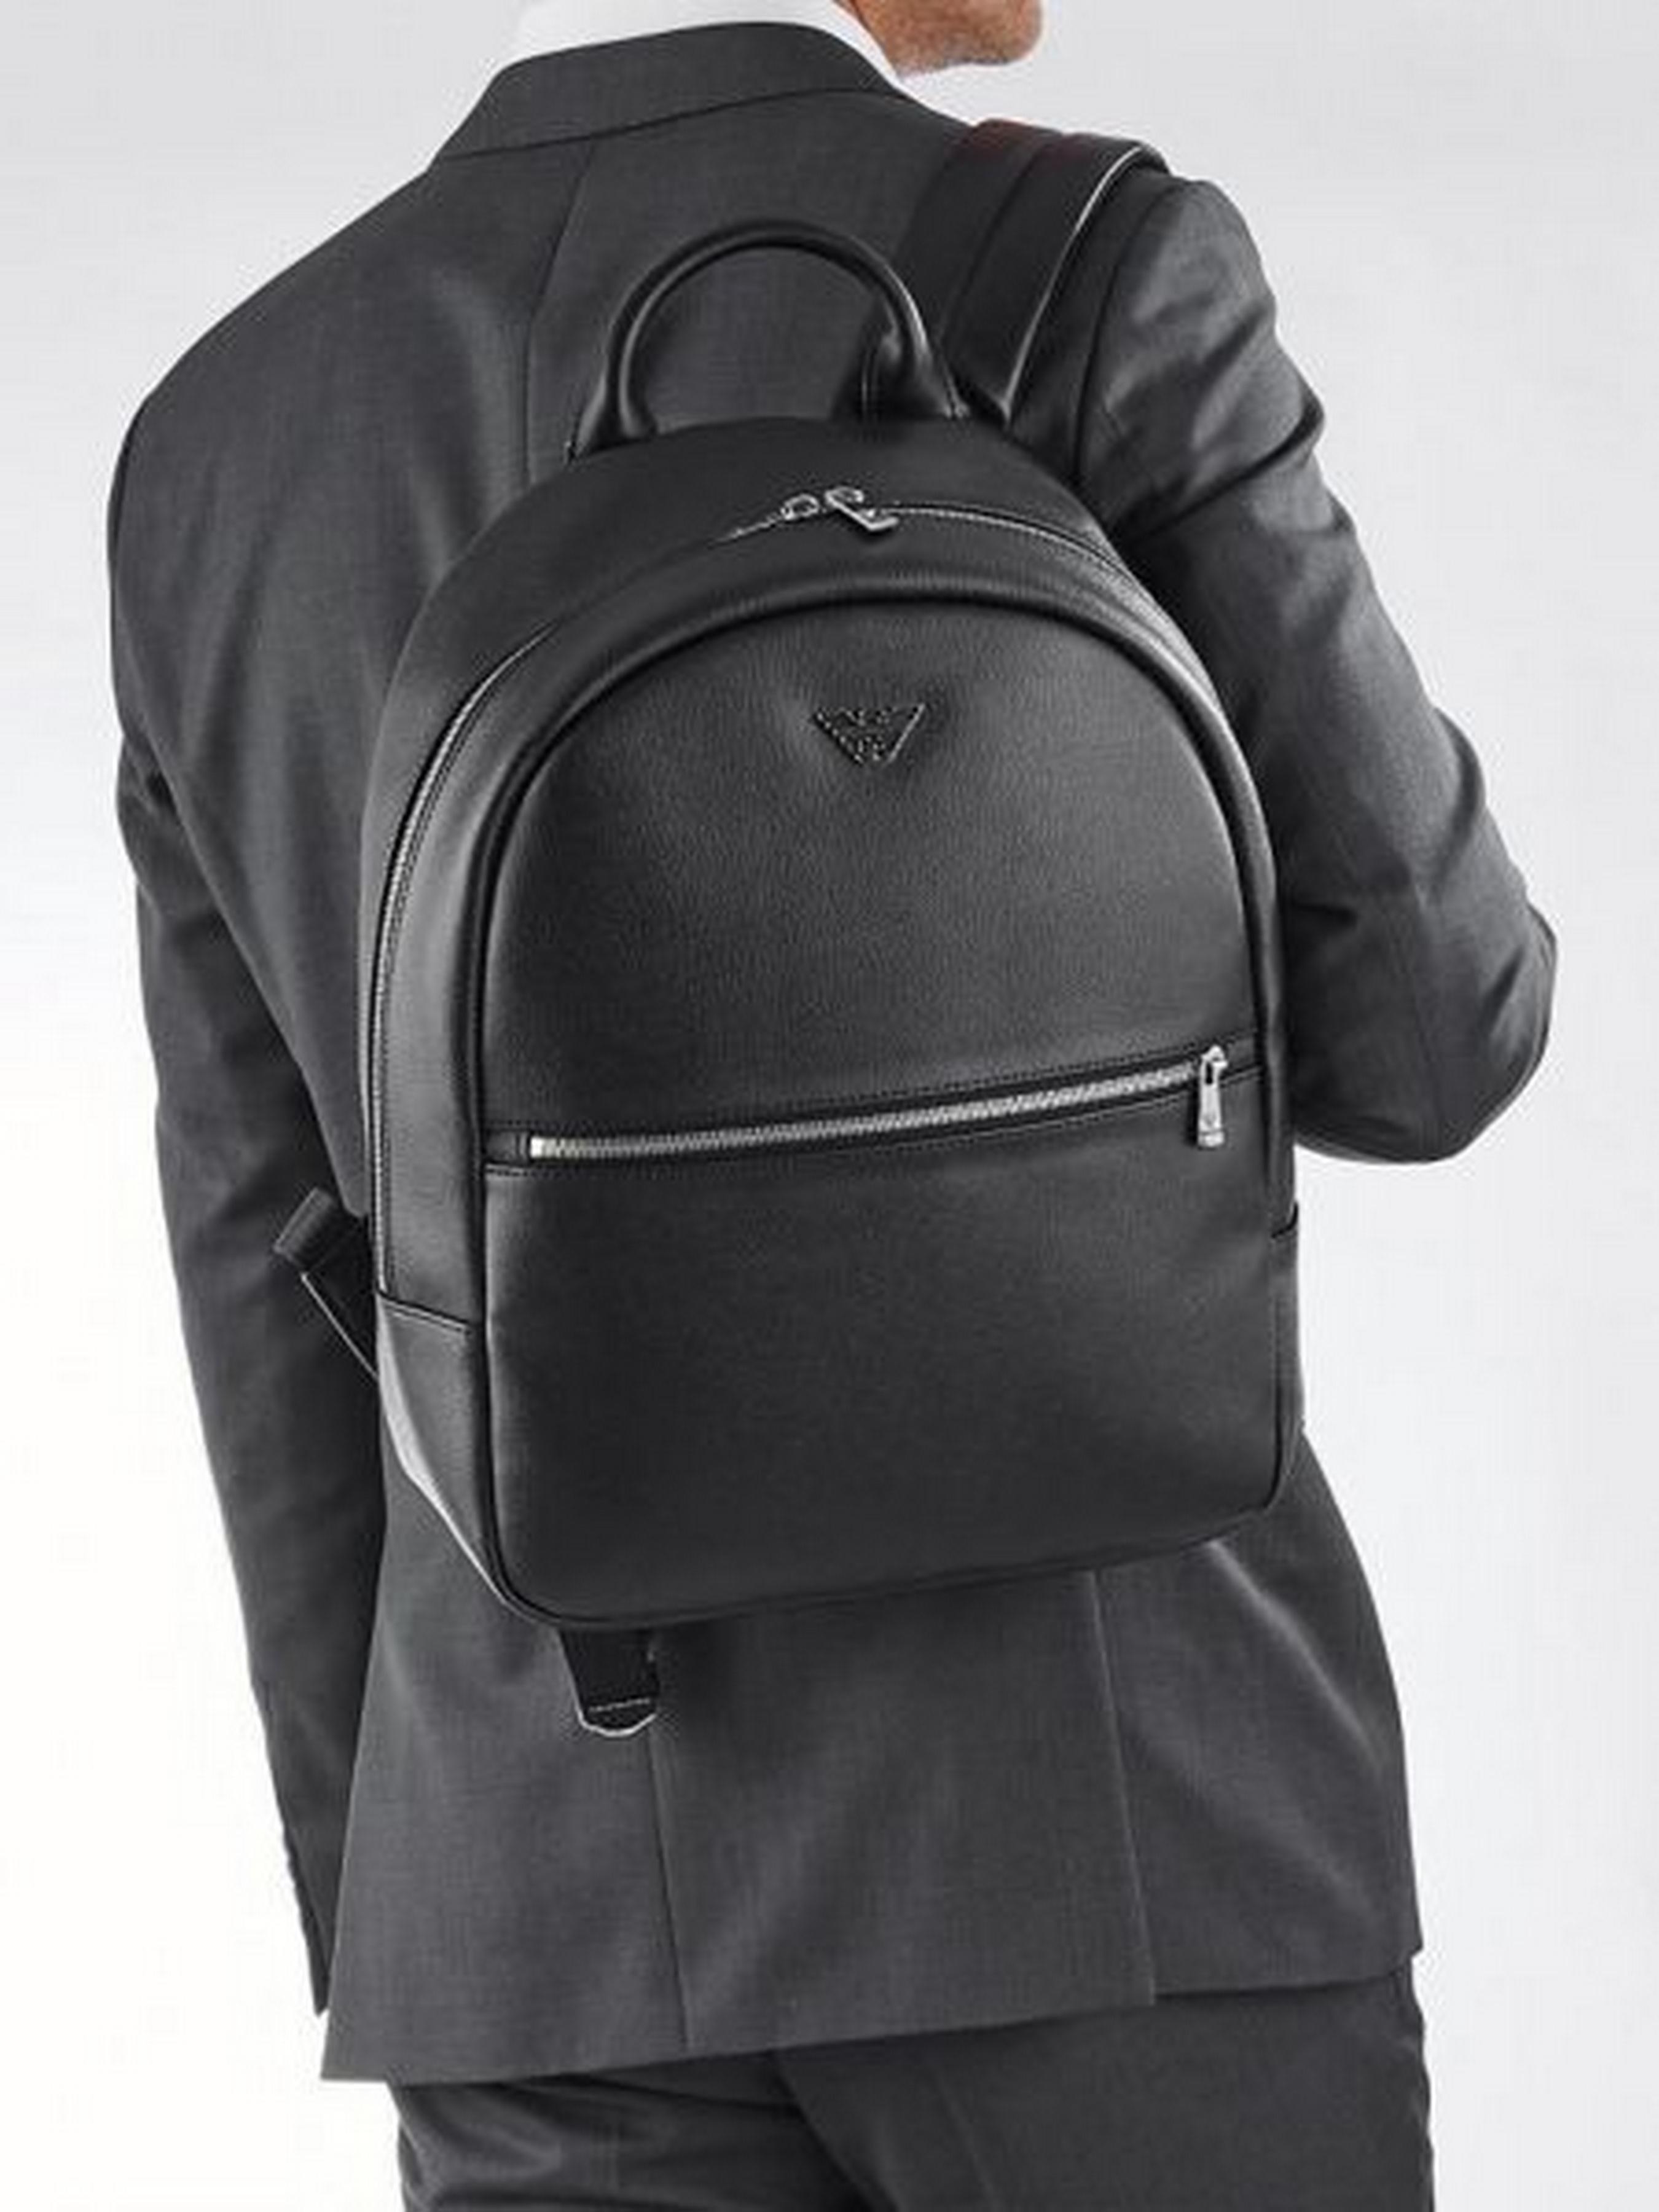 Рюкзак  Emporio Armani модель 5T112 купить, 2017